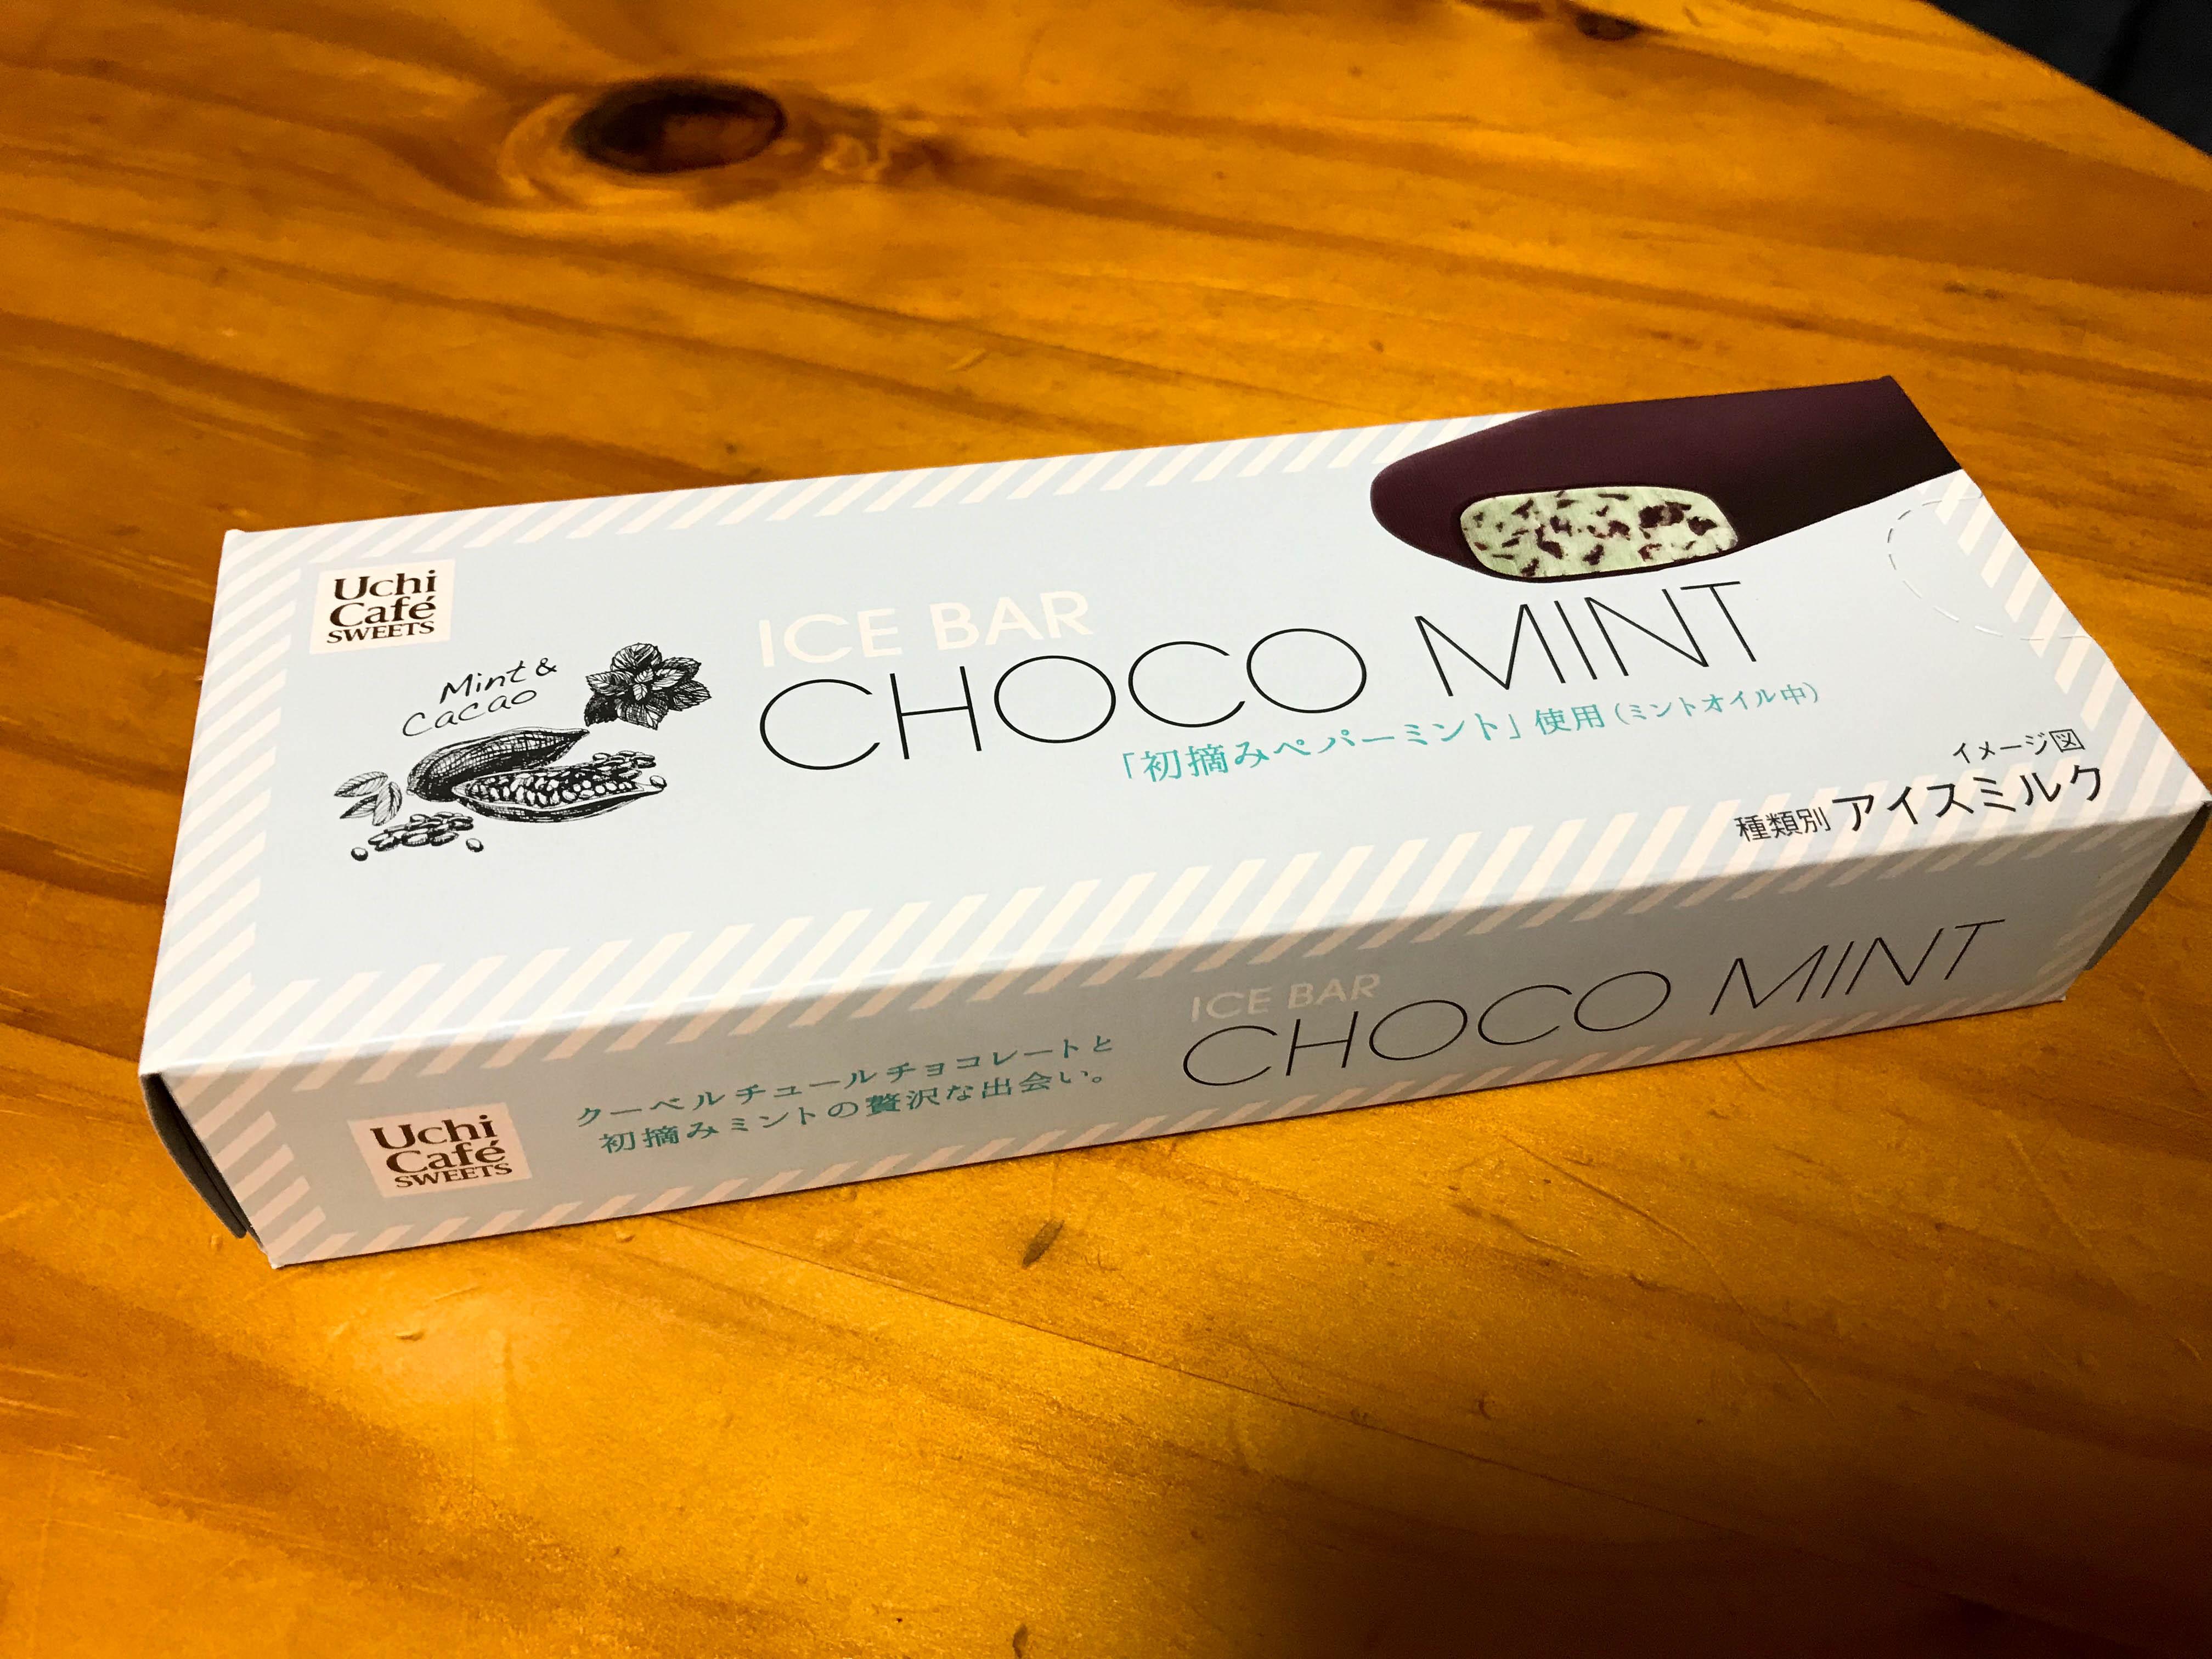 【ウチカフェ アイスバー チョコミント】by ローソン やっぱりチョコミント系スイーツの王道はアイスだと再認識!